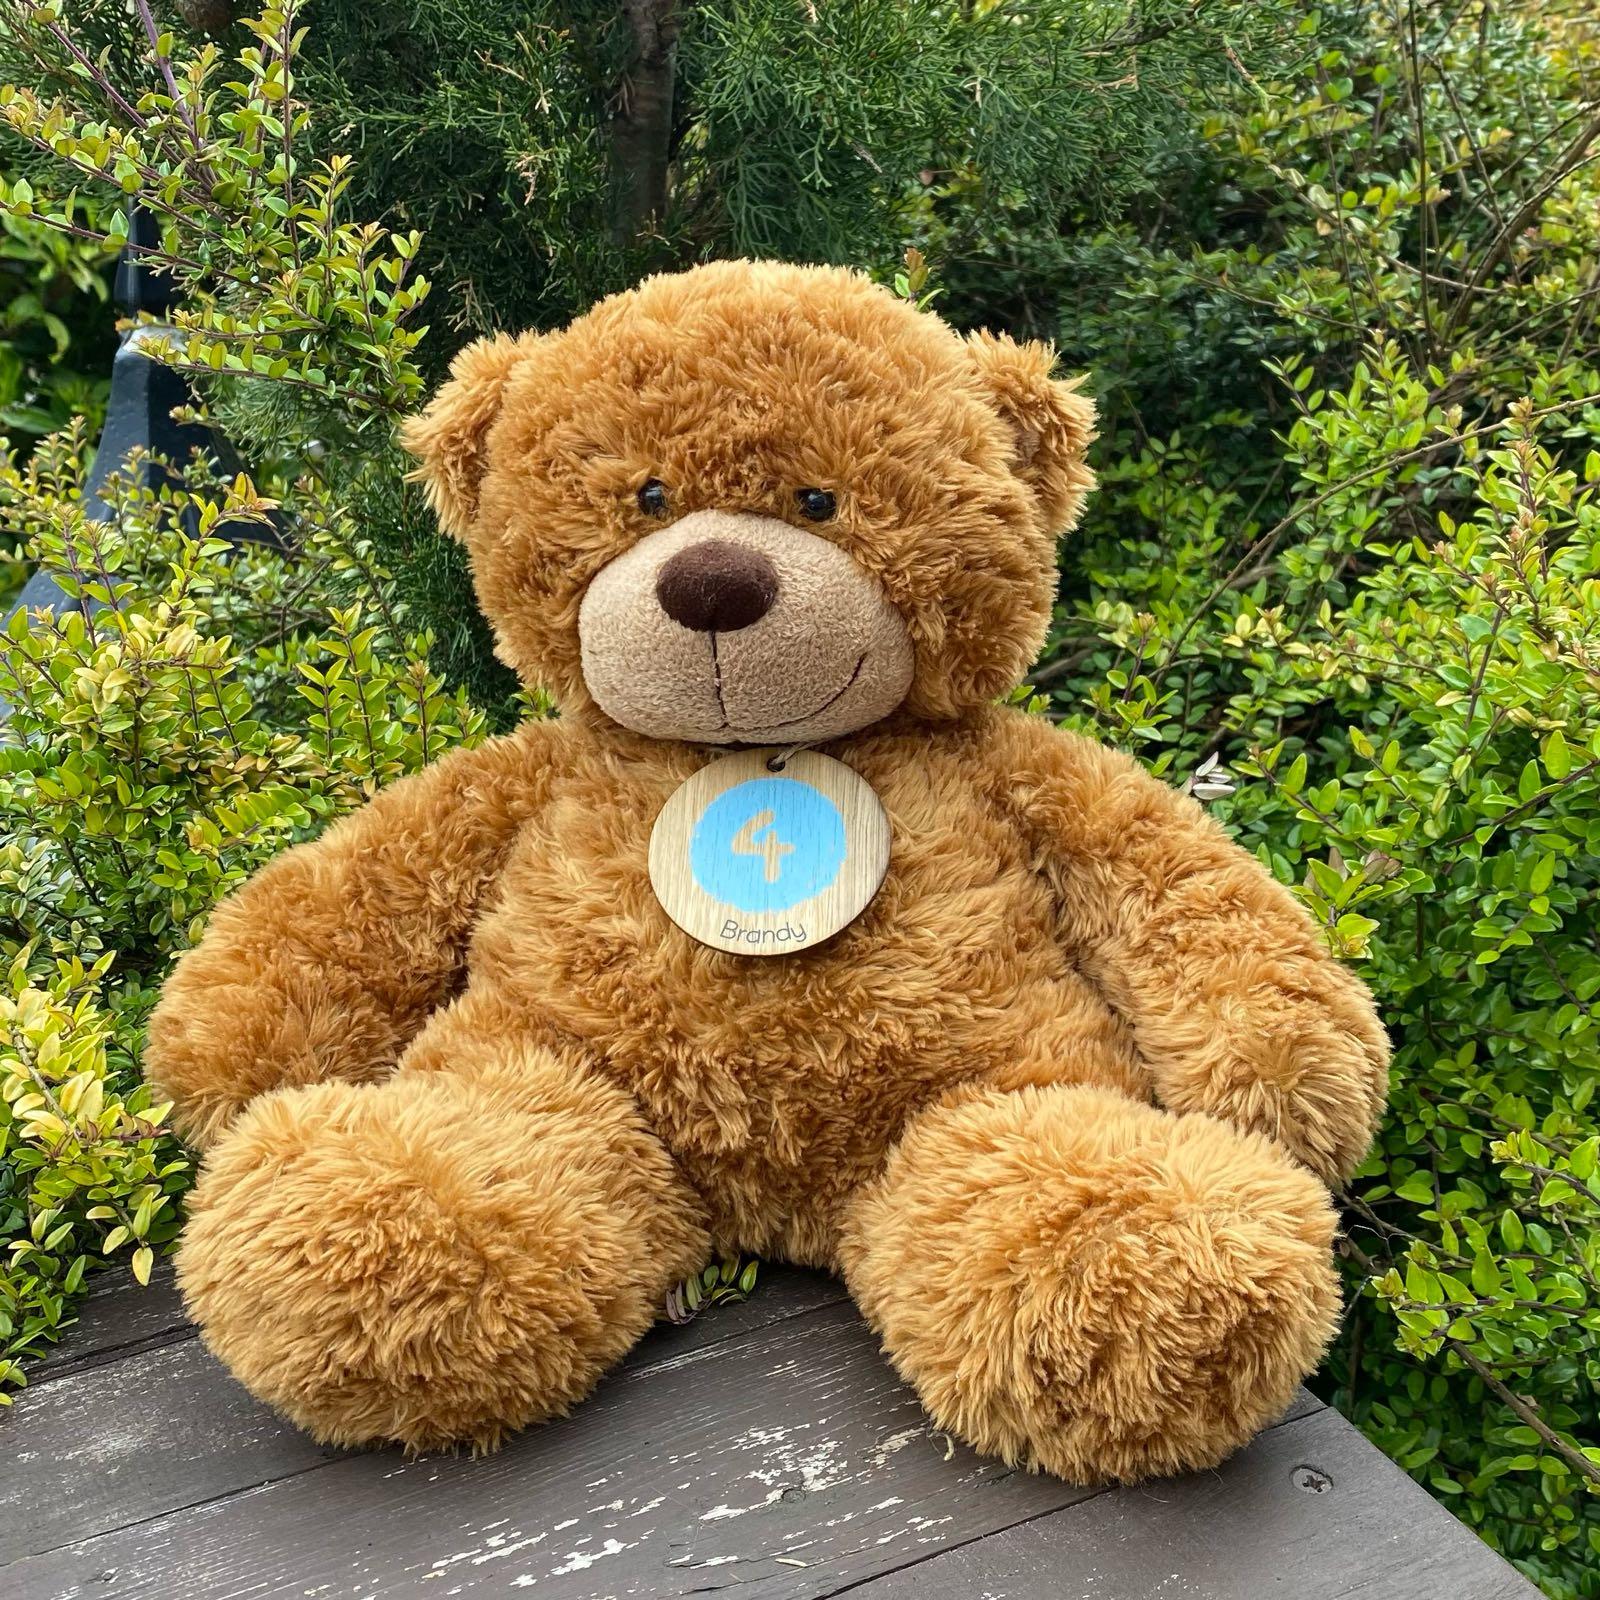 TEDDY BRANDY